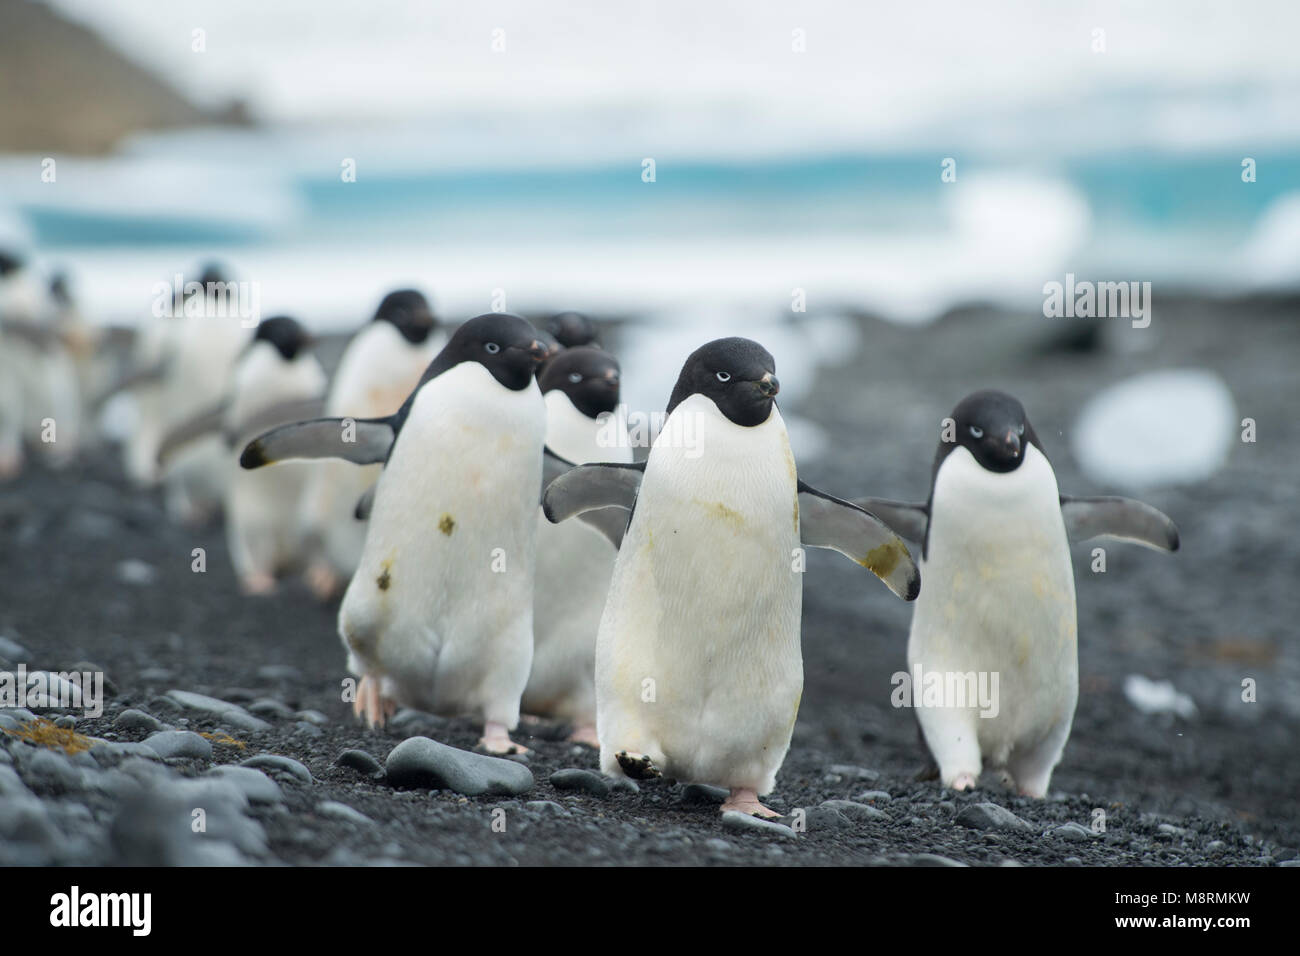 Groupes de manchots adélies promenade le long du rivage à Brown Bluff, l'Antarctique. Photo Stock